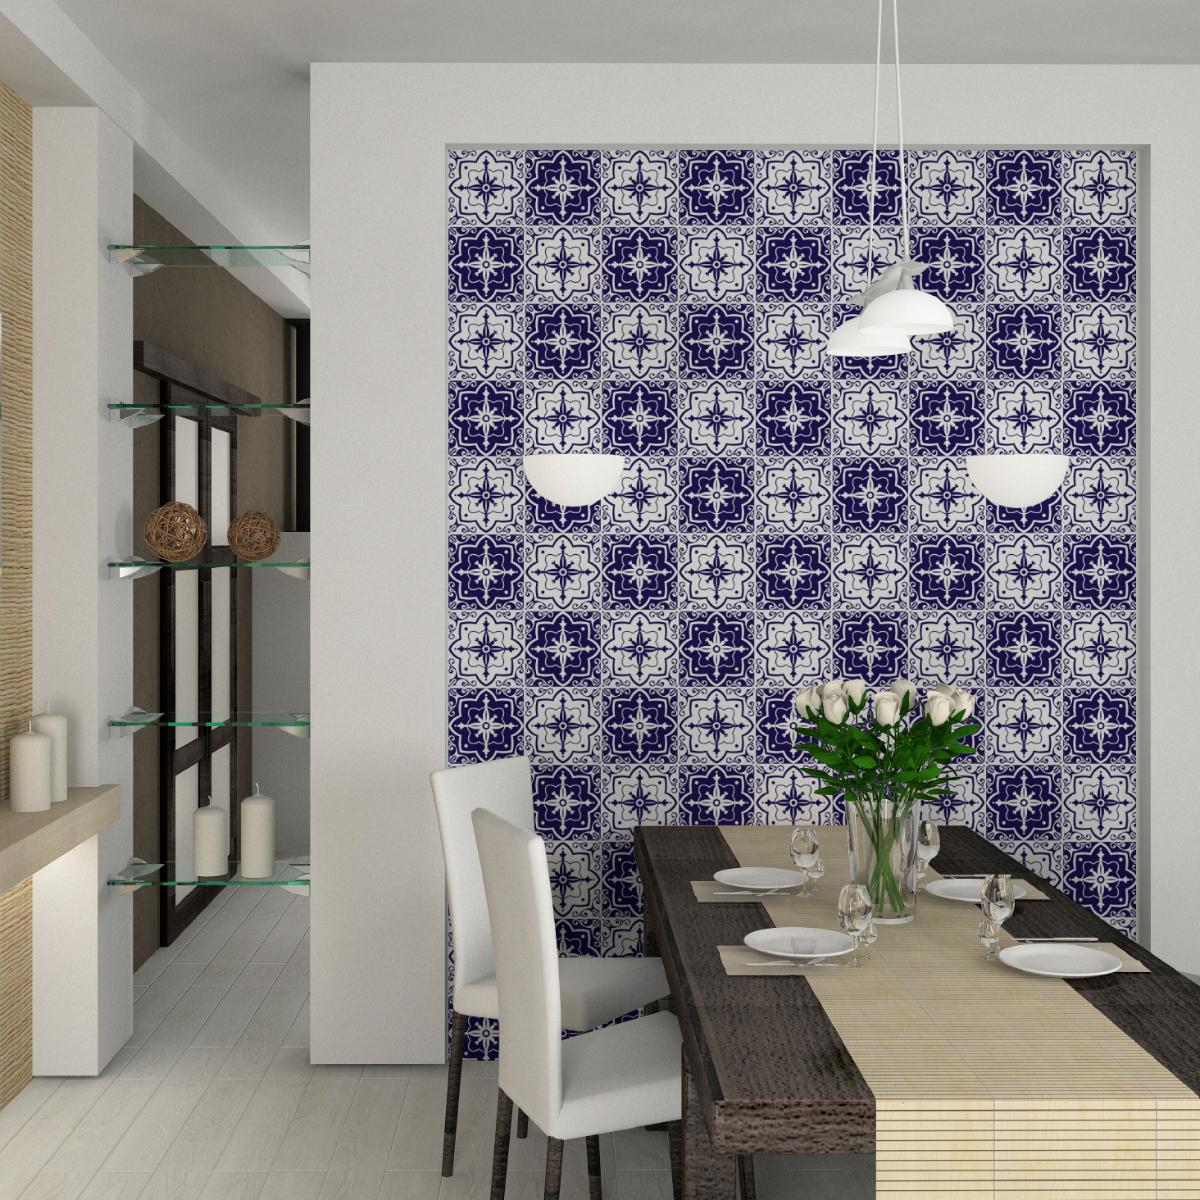 24 stickers carreaux de ciment araceli salle de bain et wc salle de bain ambiance sticker. Black Bedroom Furniture Sets. Home Design Ideas